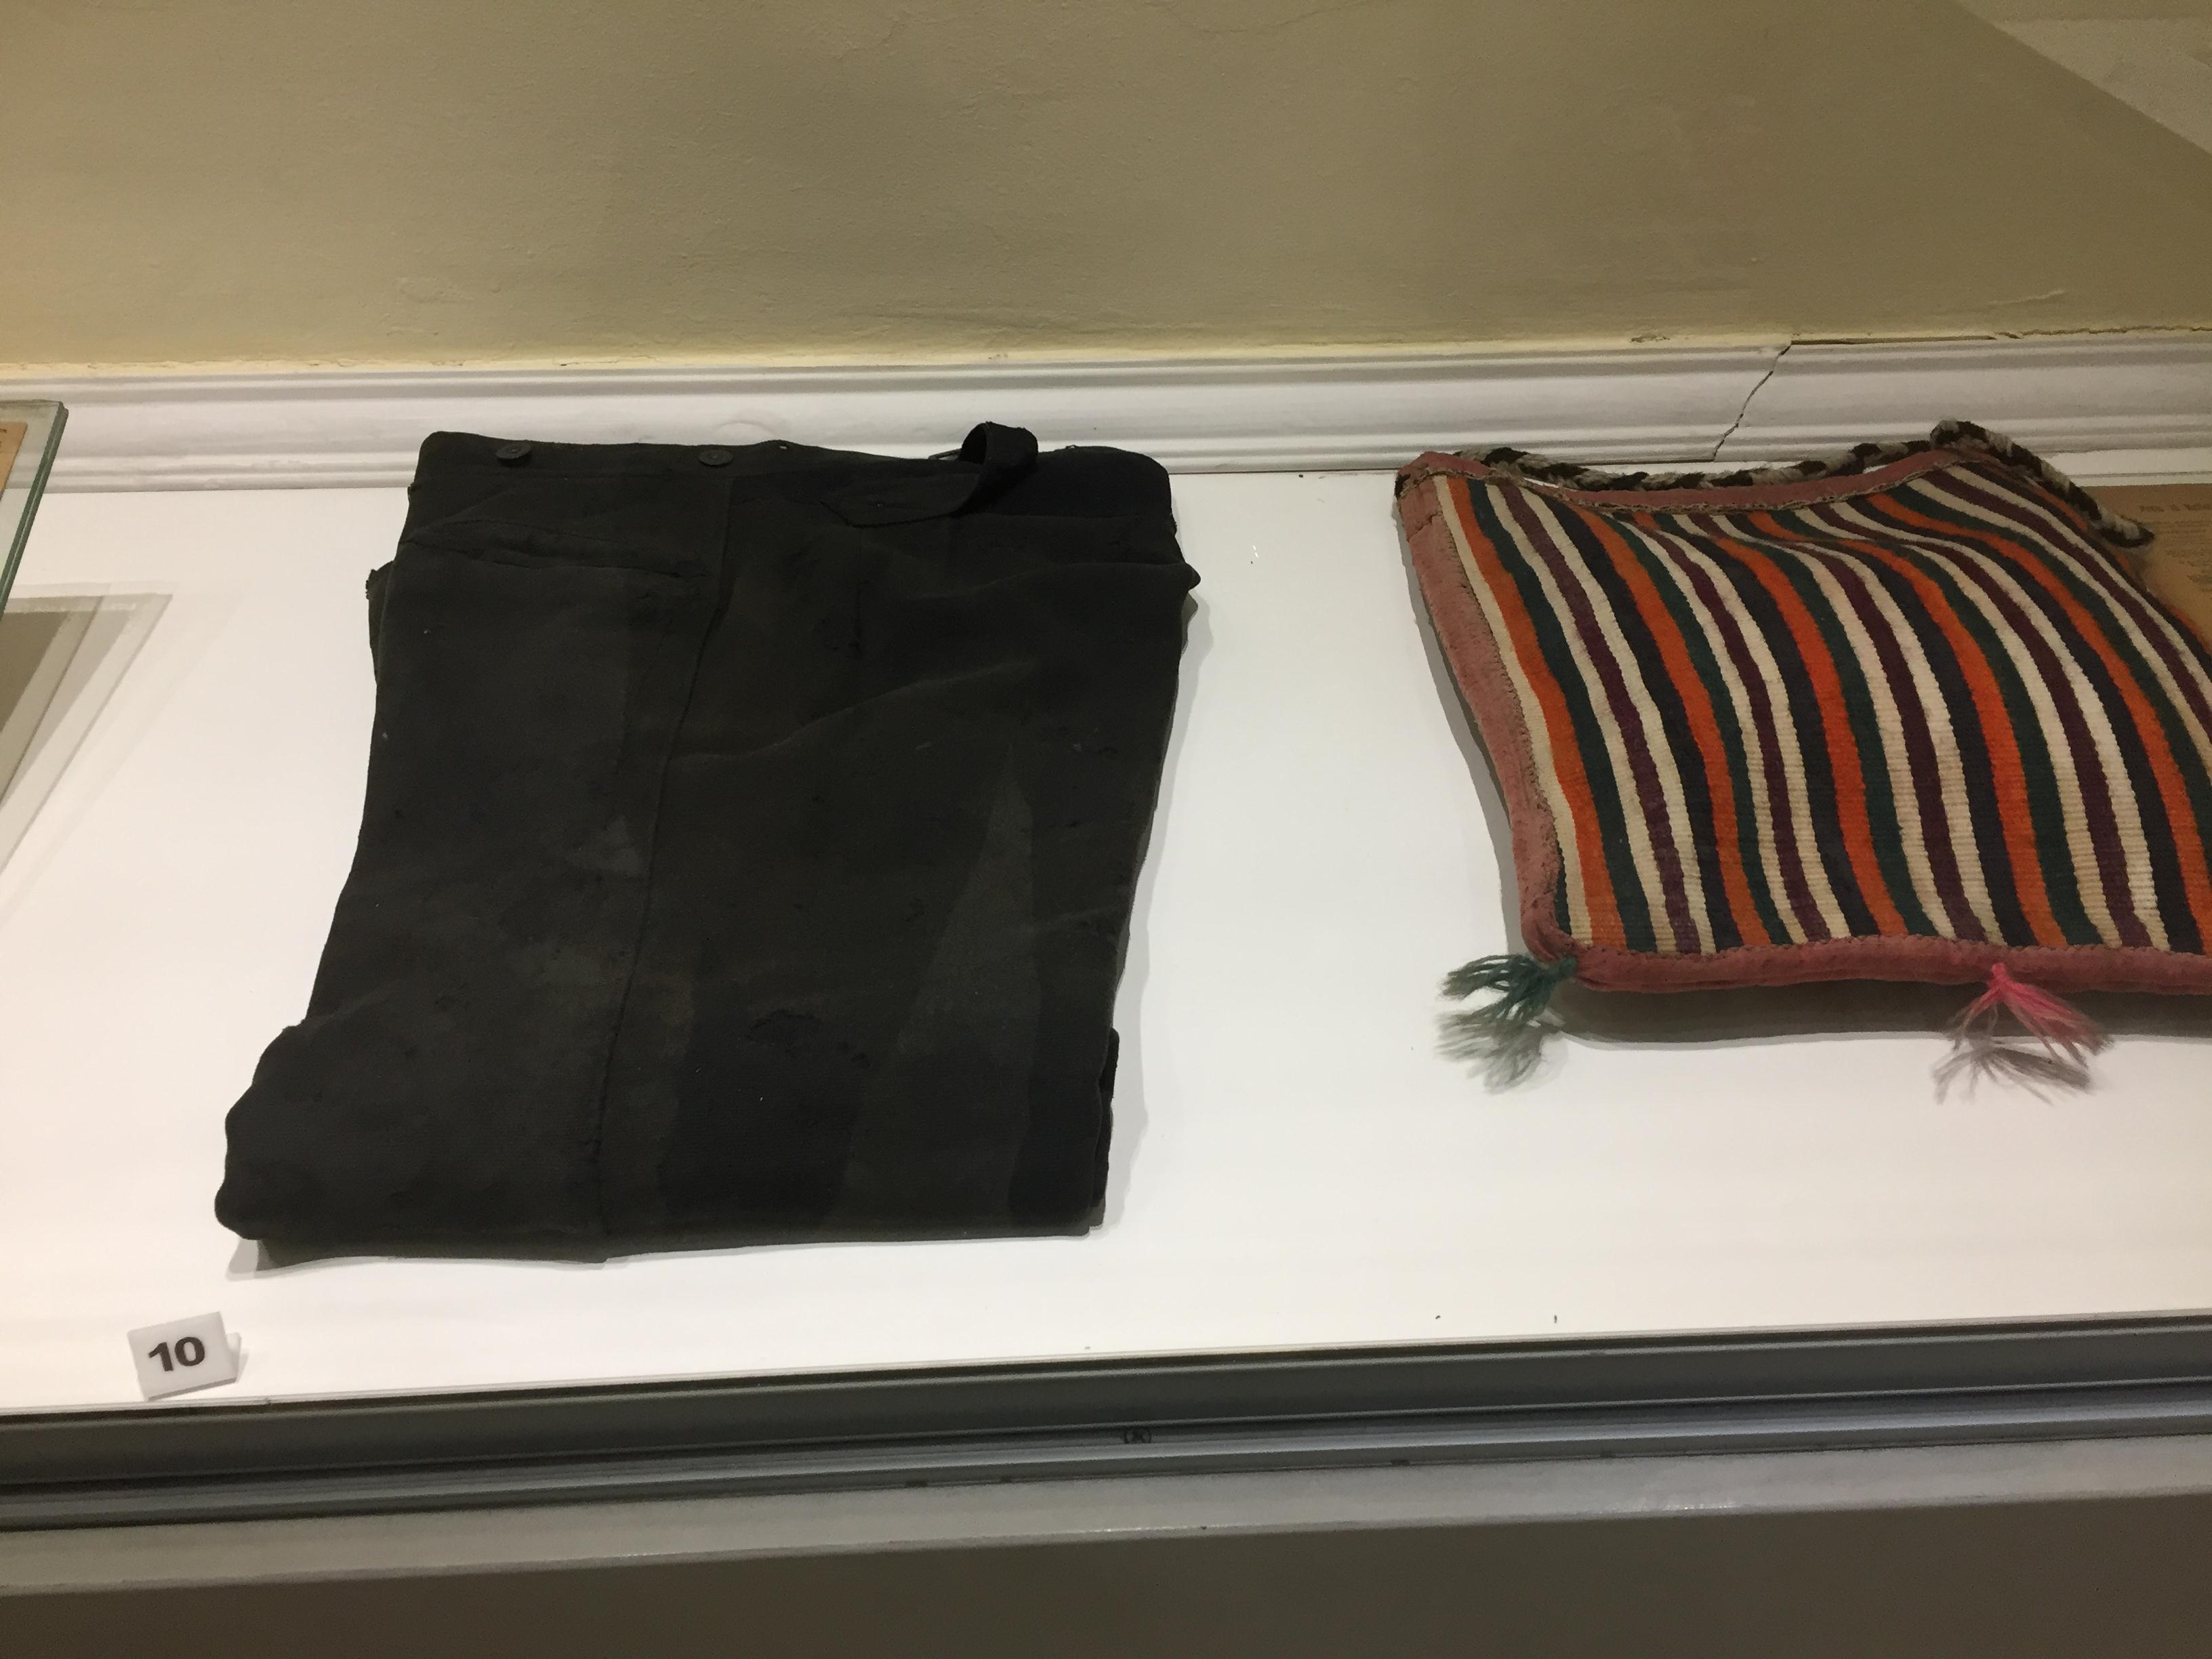 プリンツィプが暗殺時に着用していたズボン